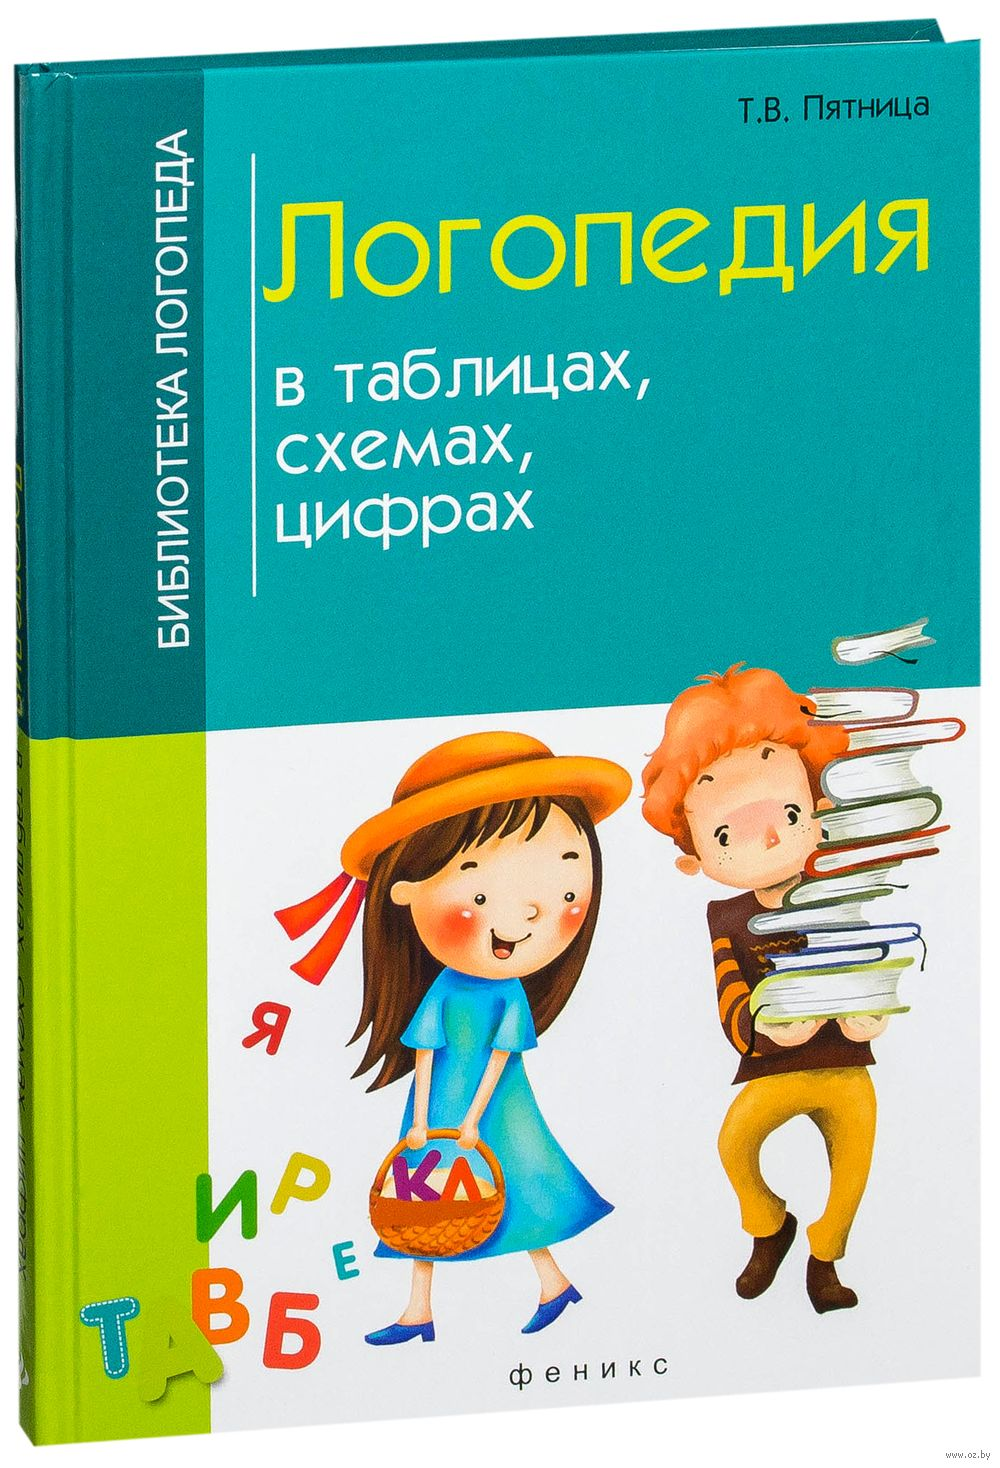 Книга пятница логопедия скачать